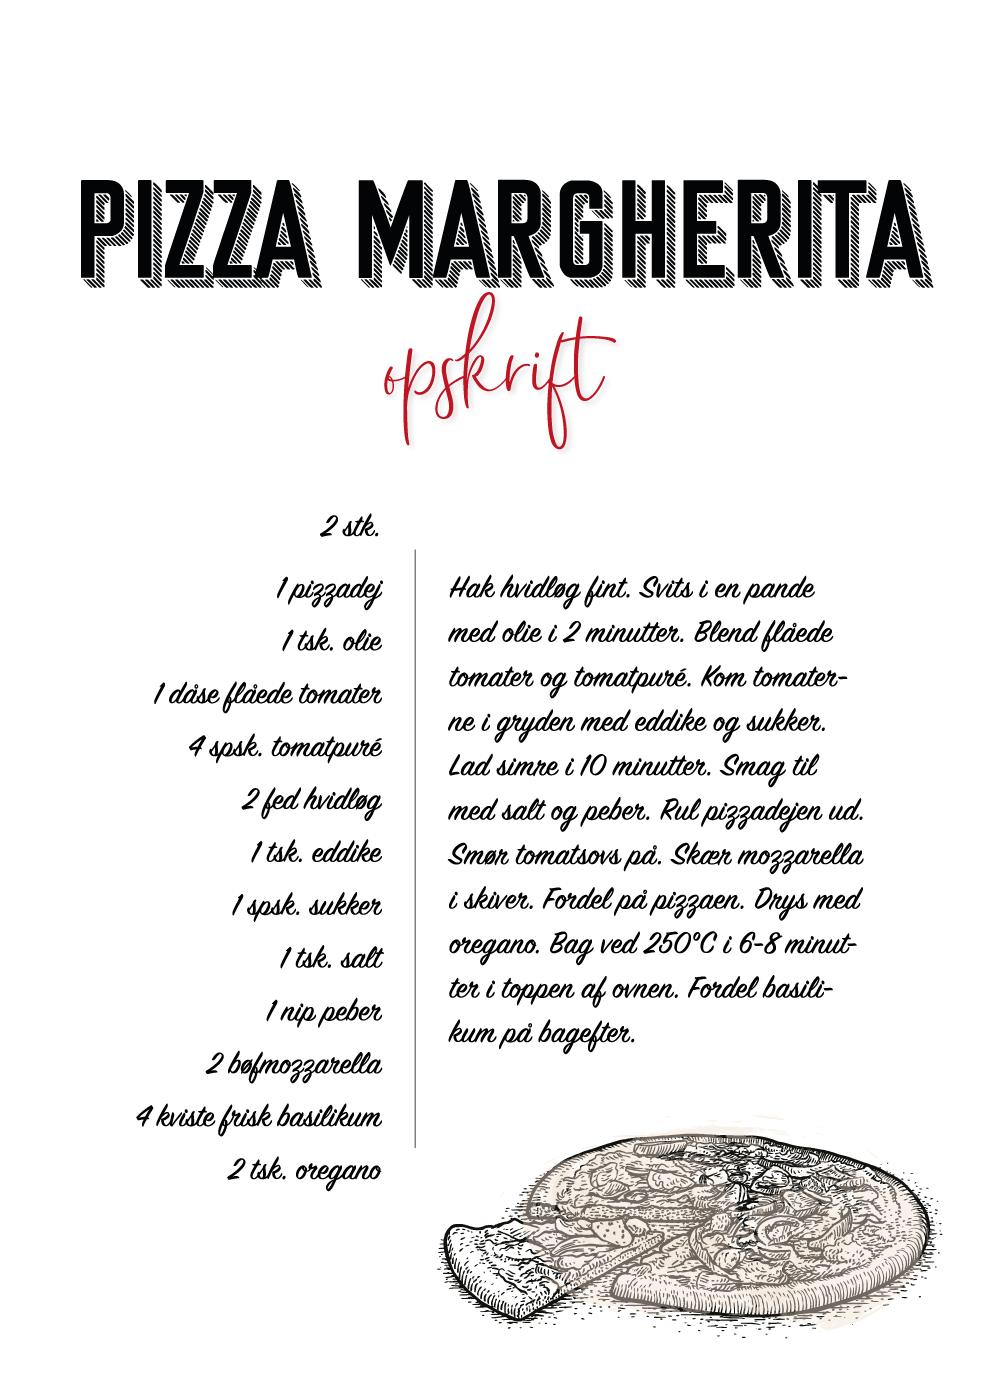 Billede af Pizza Margherita opskrift - Køkken plakat